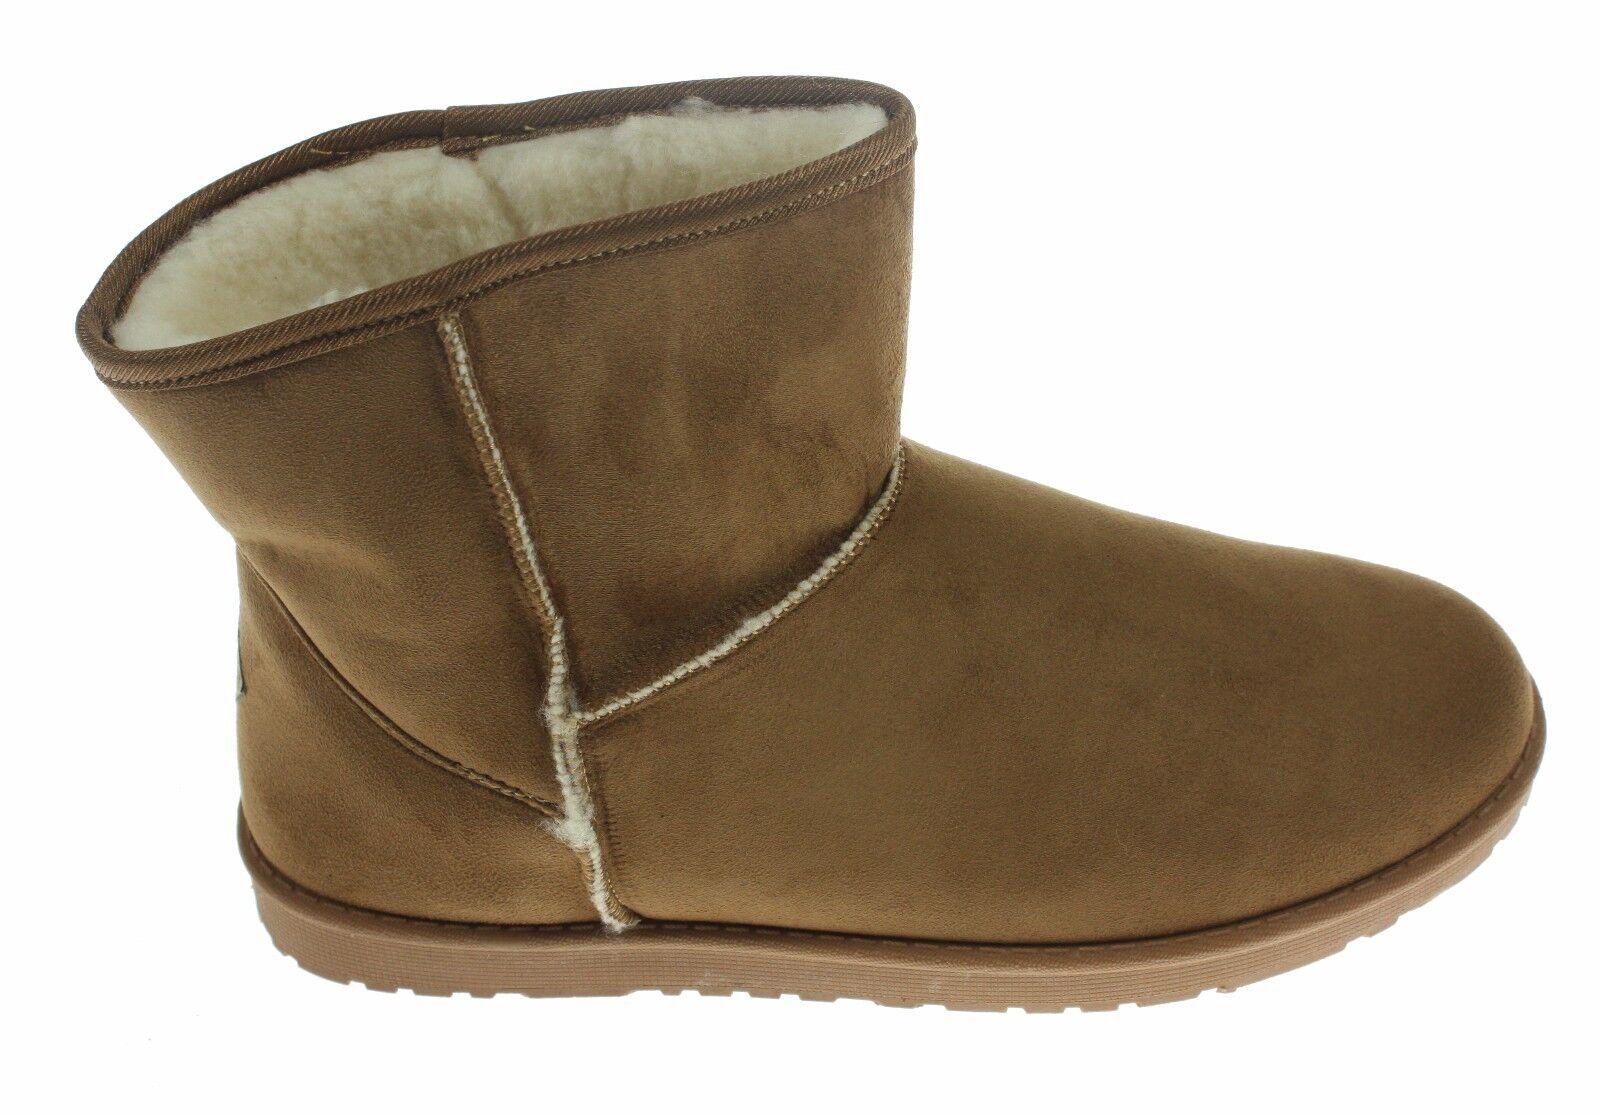 Island Boot Damen Stiefel Stela, Größe 42, braun,  NEU